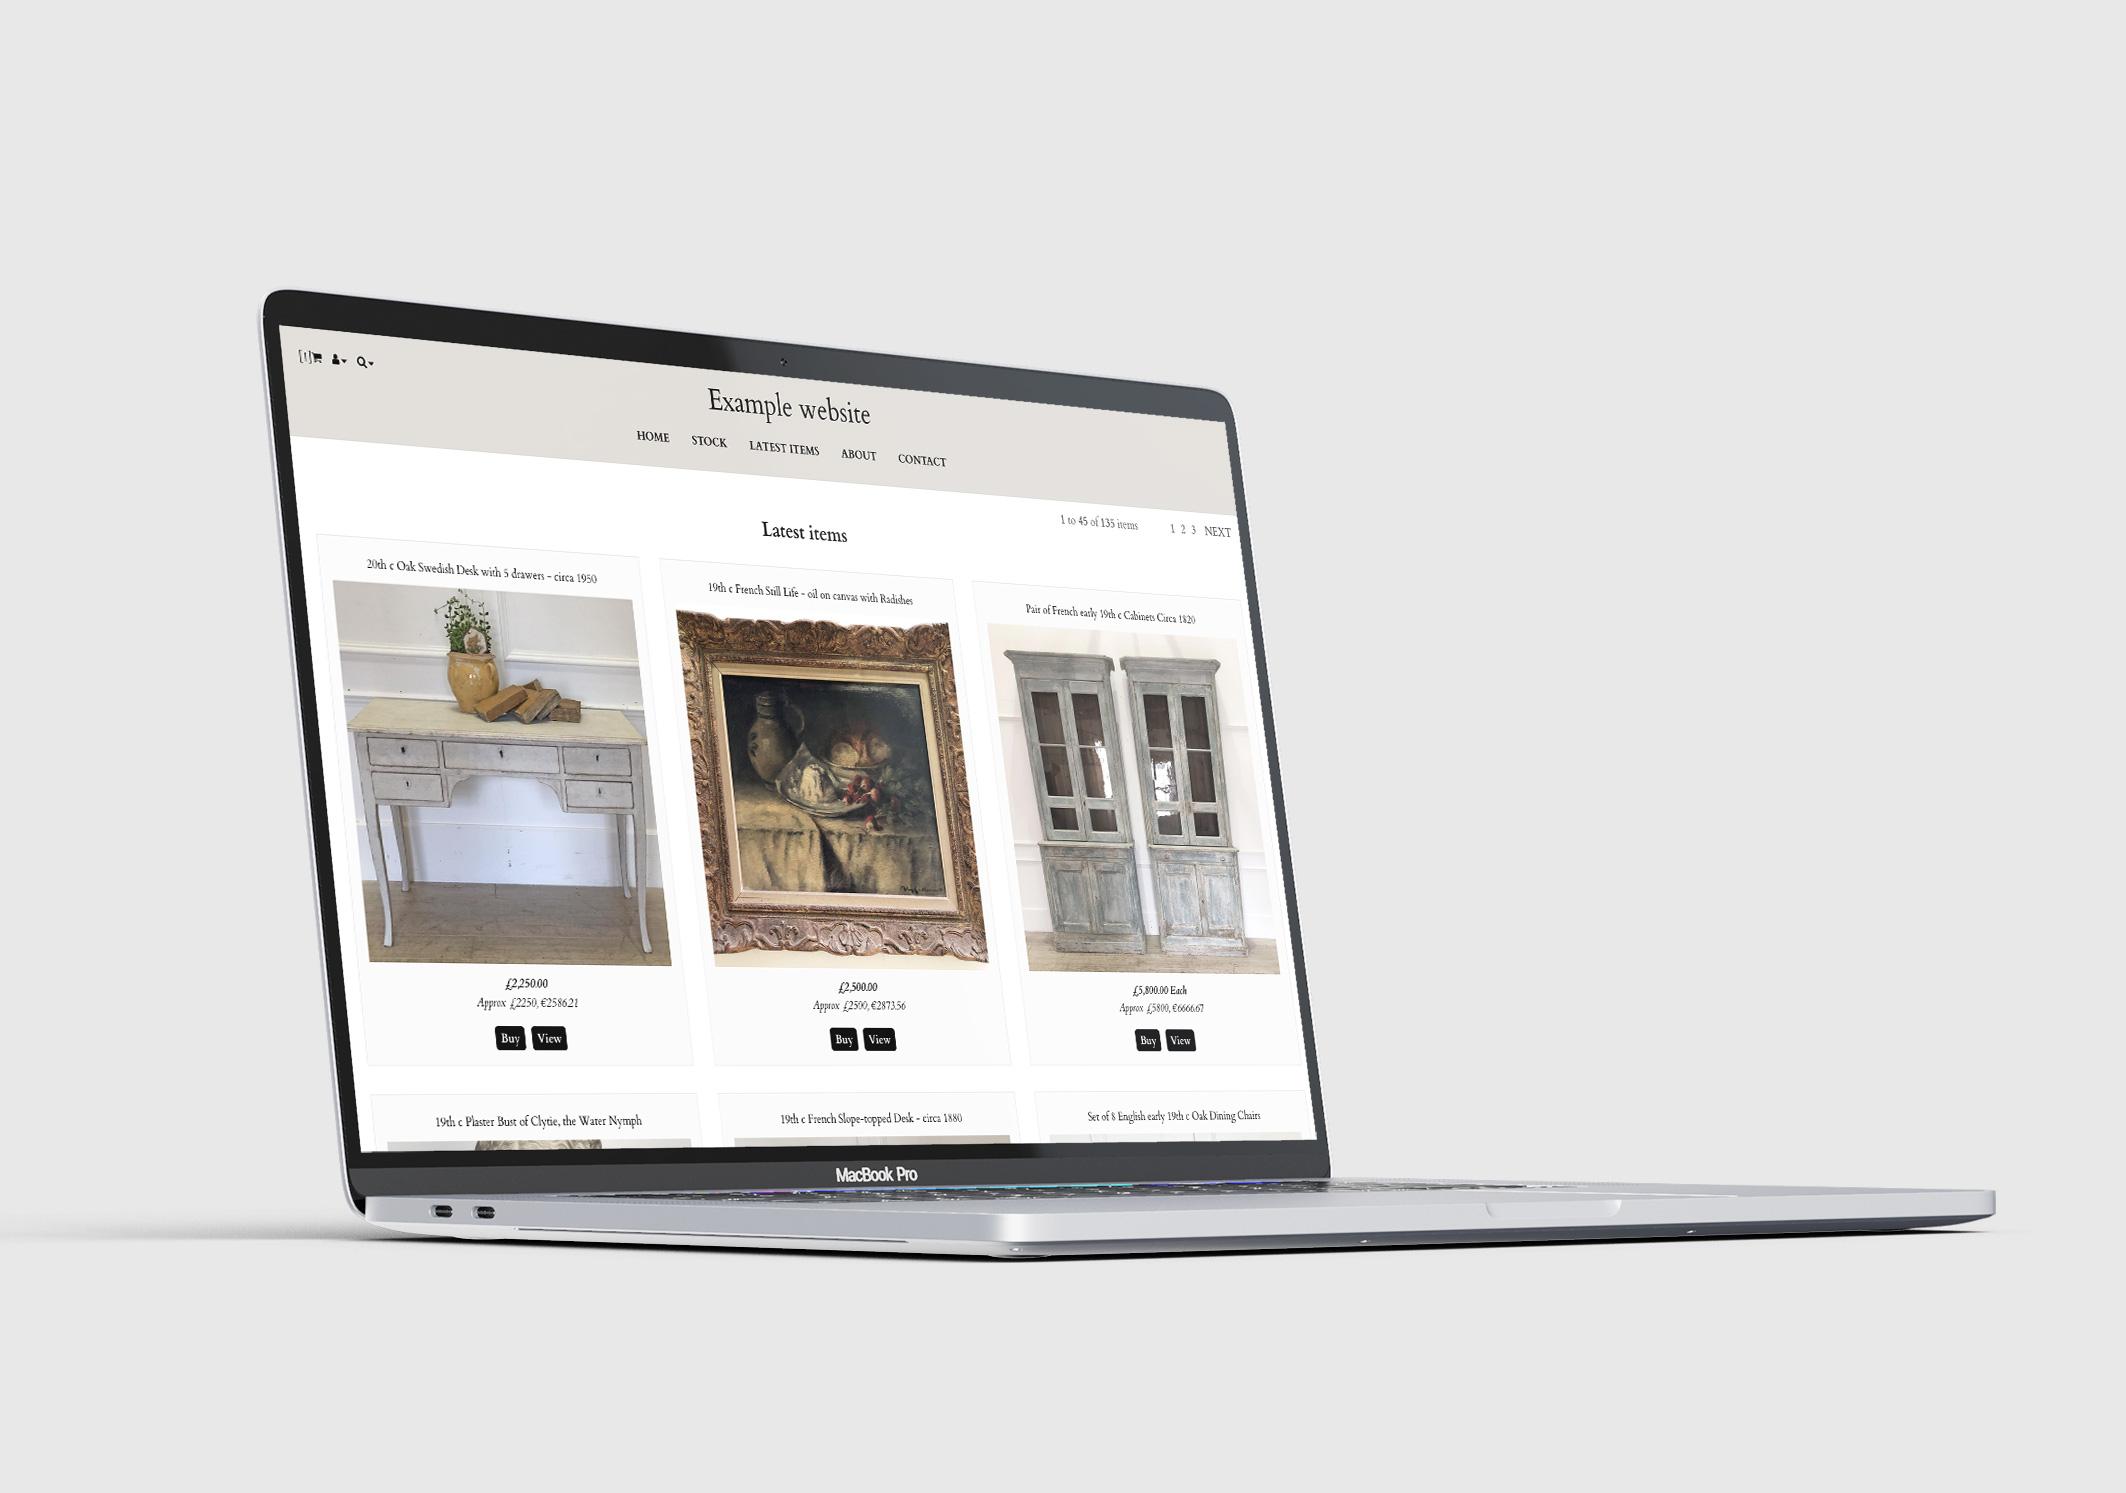 Cromford on a Macbook